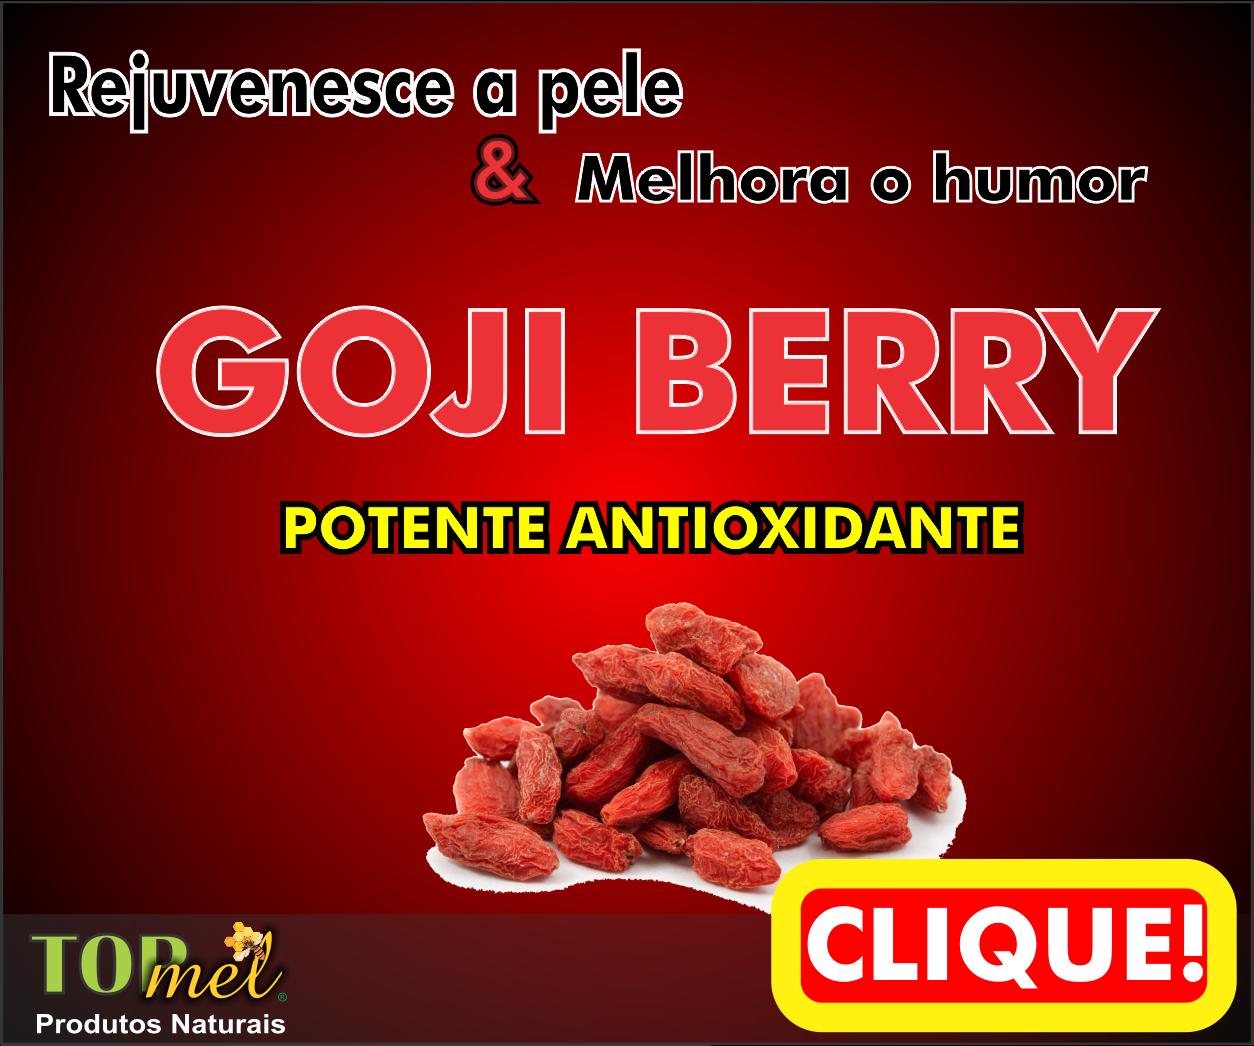 Goji Berry Potente Antioxidante